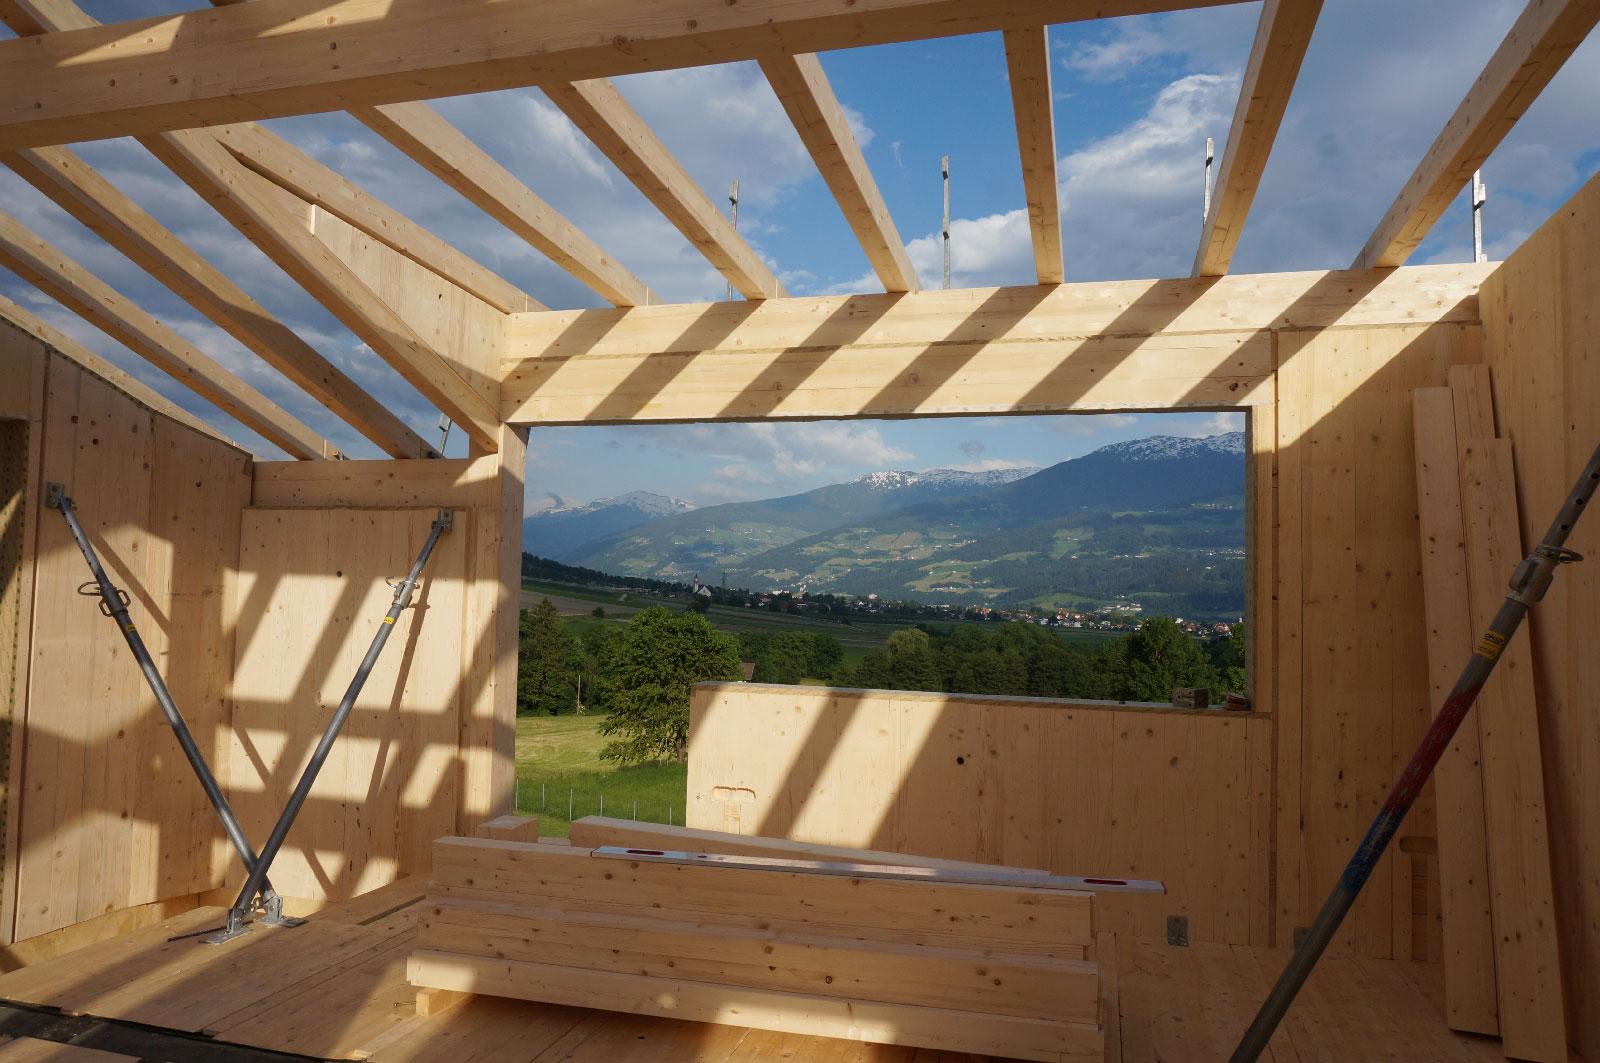 17-Zu-und-Umbau-Einfamilienhaus-mit-Vollholzwaenden-Holzbau-Zimmerei-Norz-2019.jpg